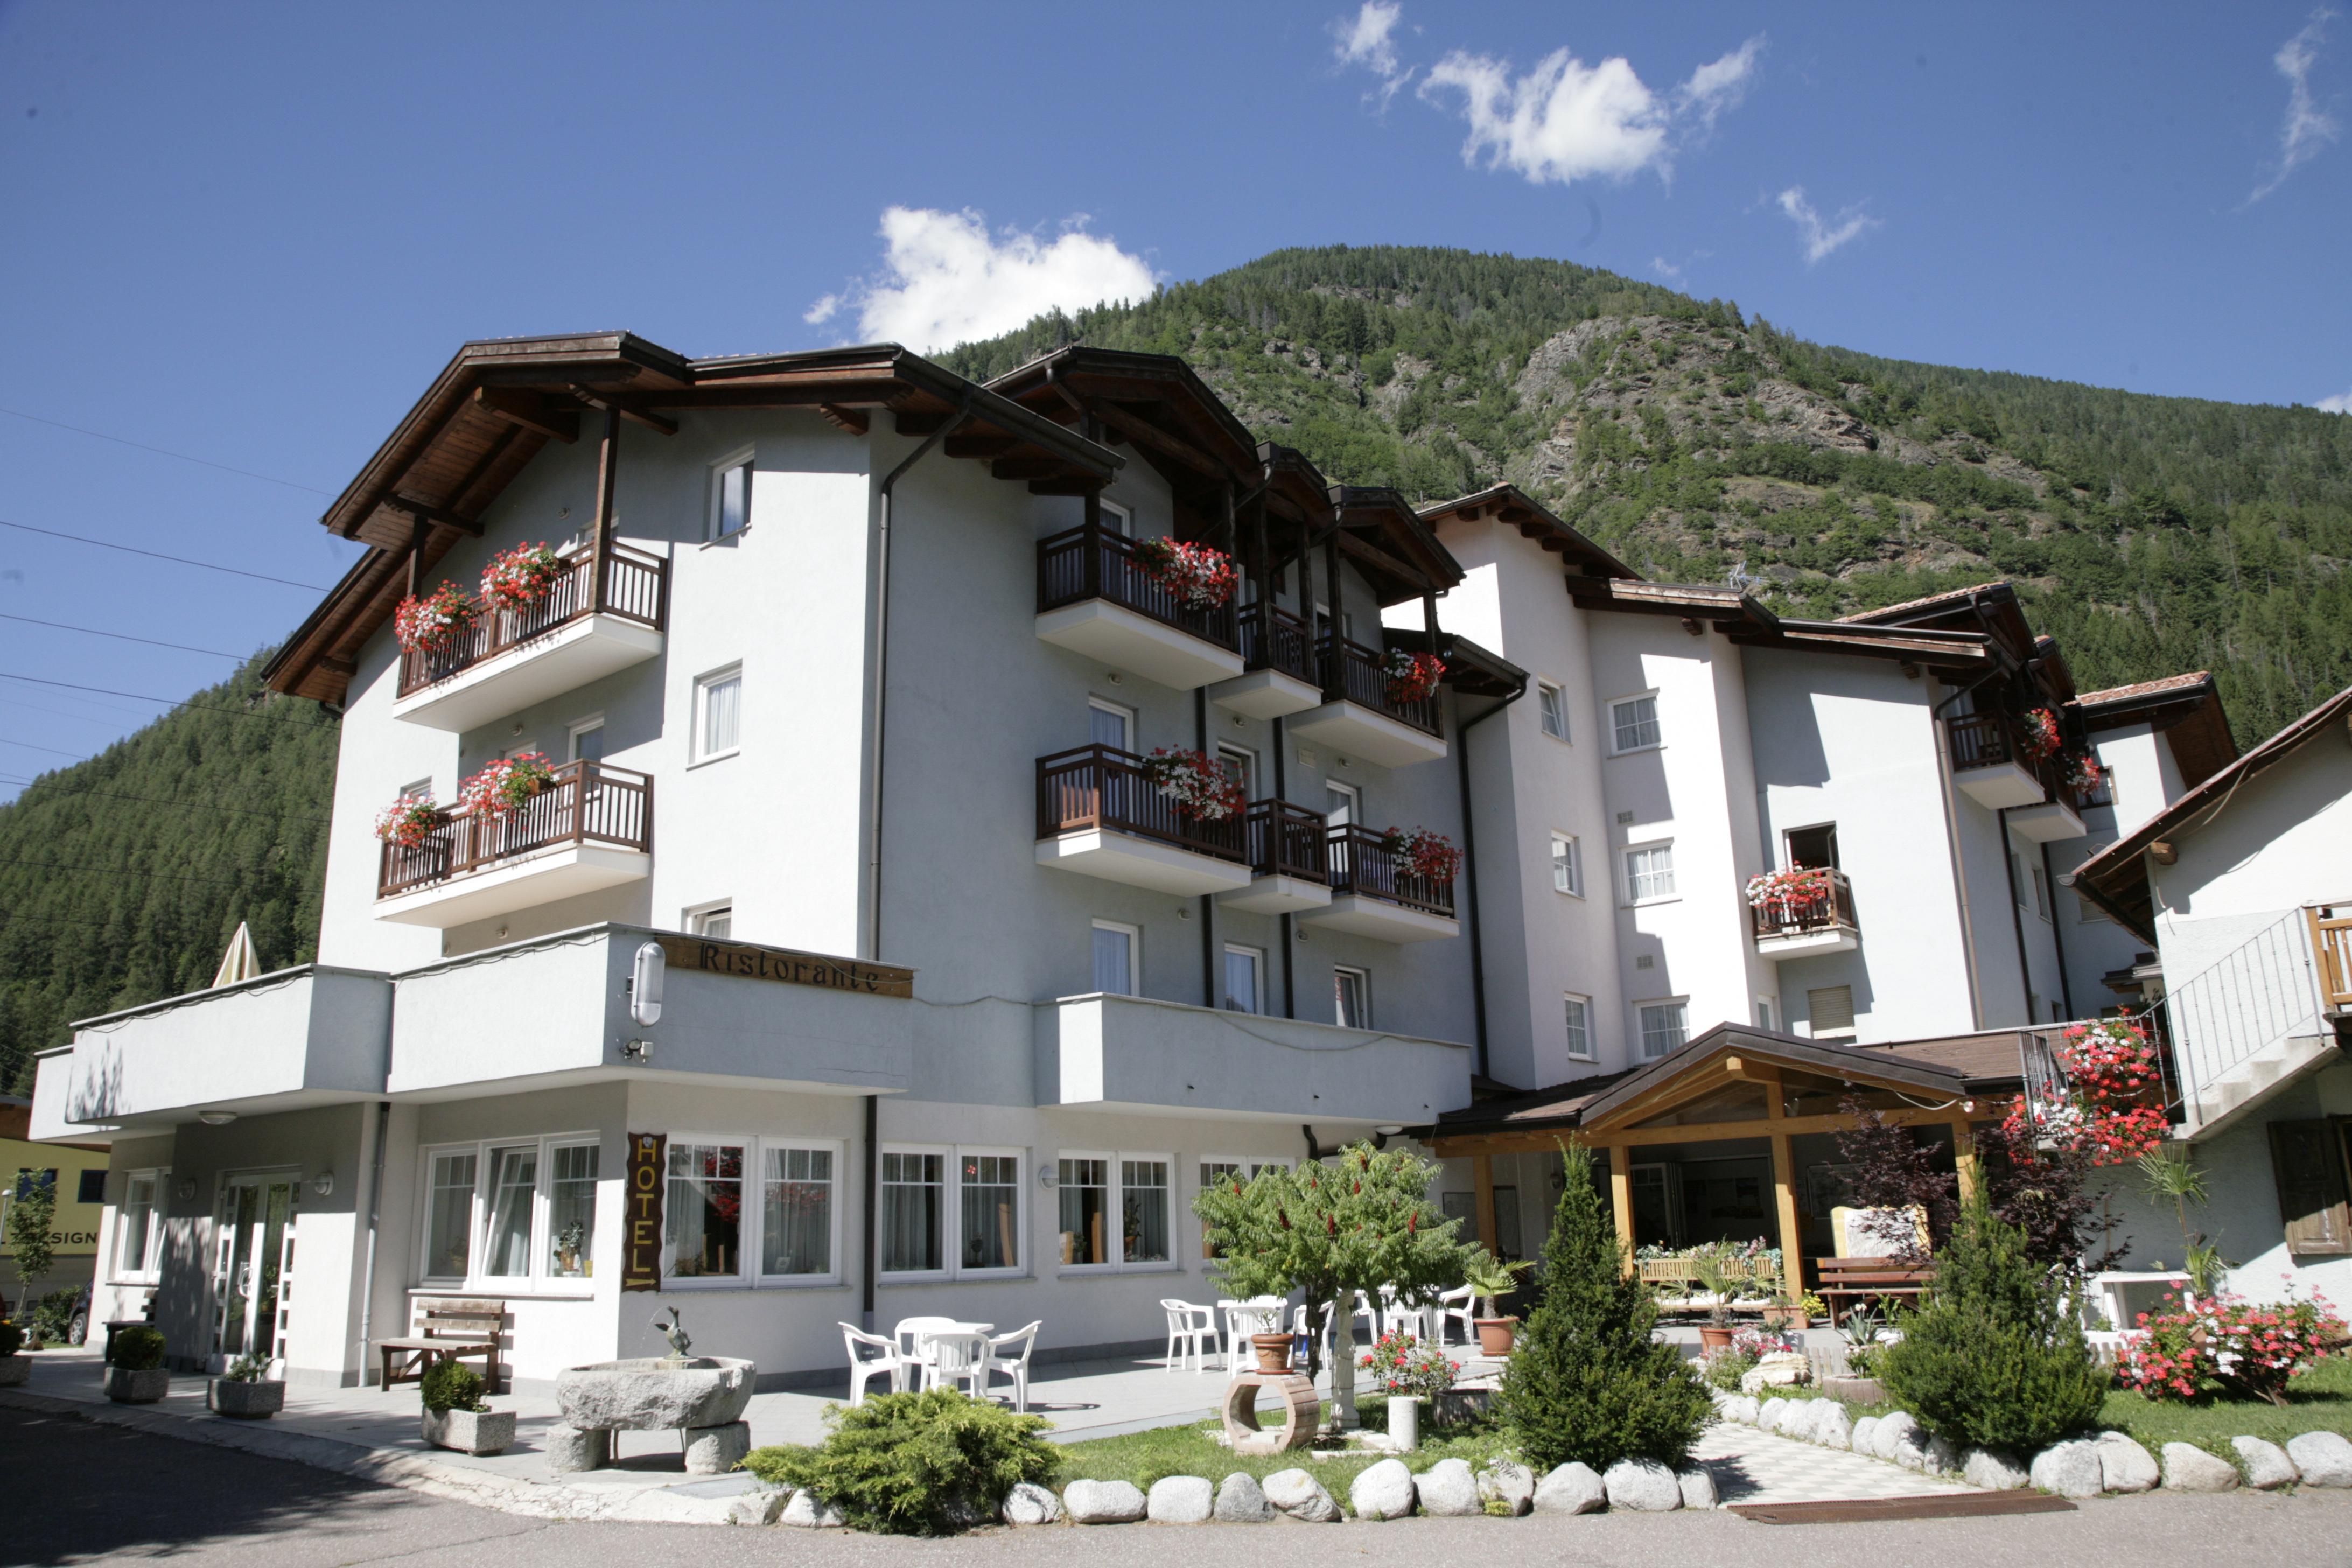 Hotel Santoni, Val di Sole Trentino